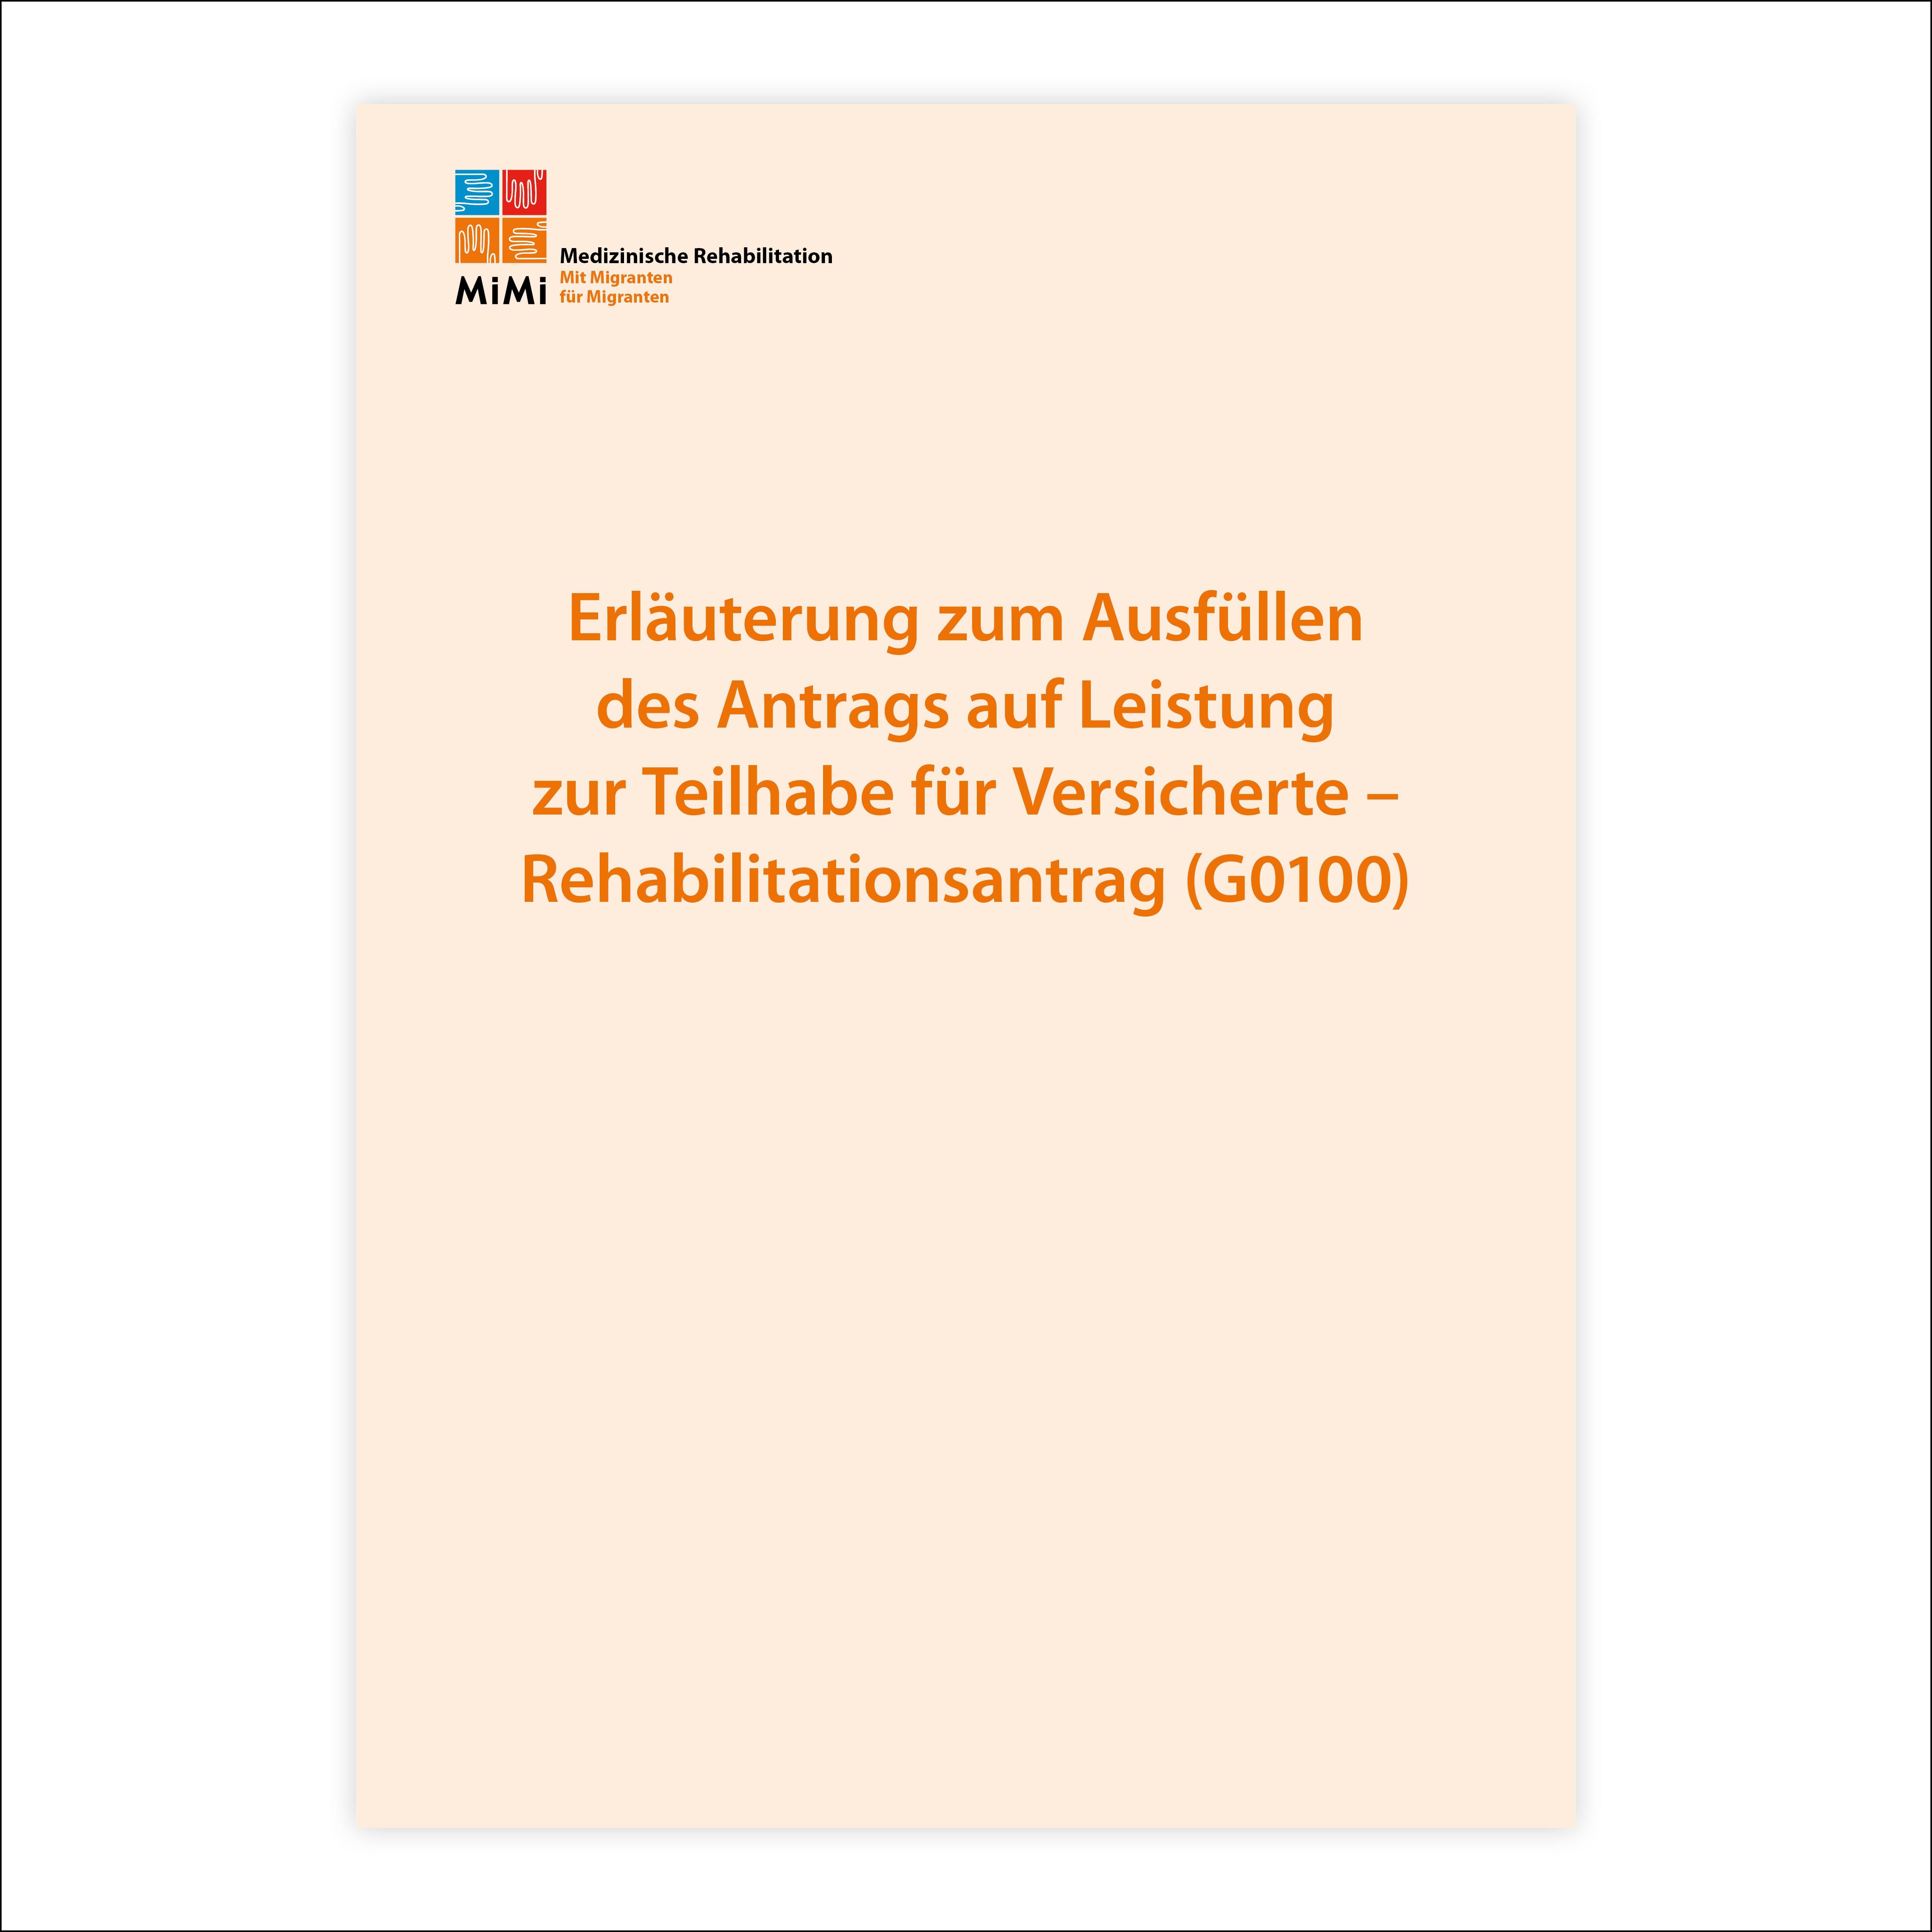 Ausfüllhilfe für Versicherte für Rehabilitationsantrag (G0100)